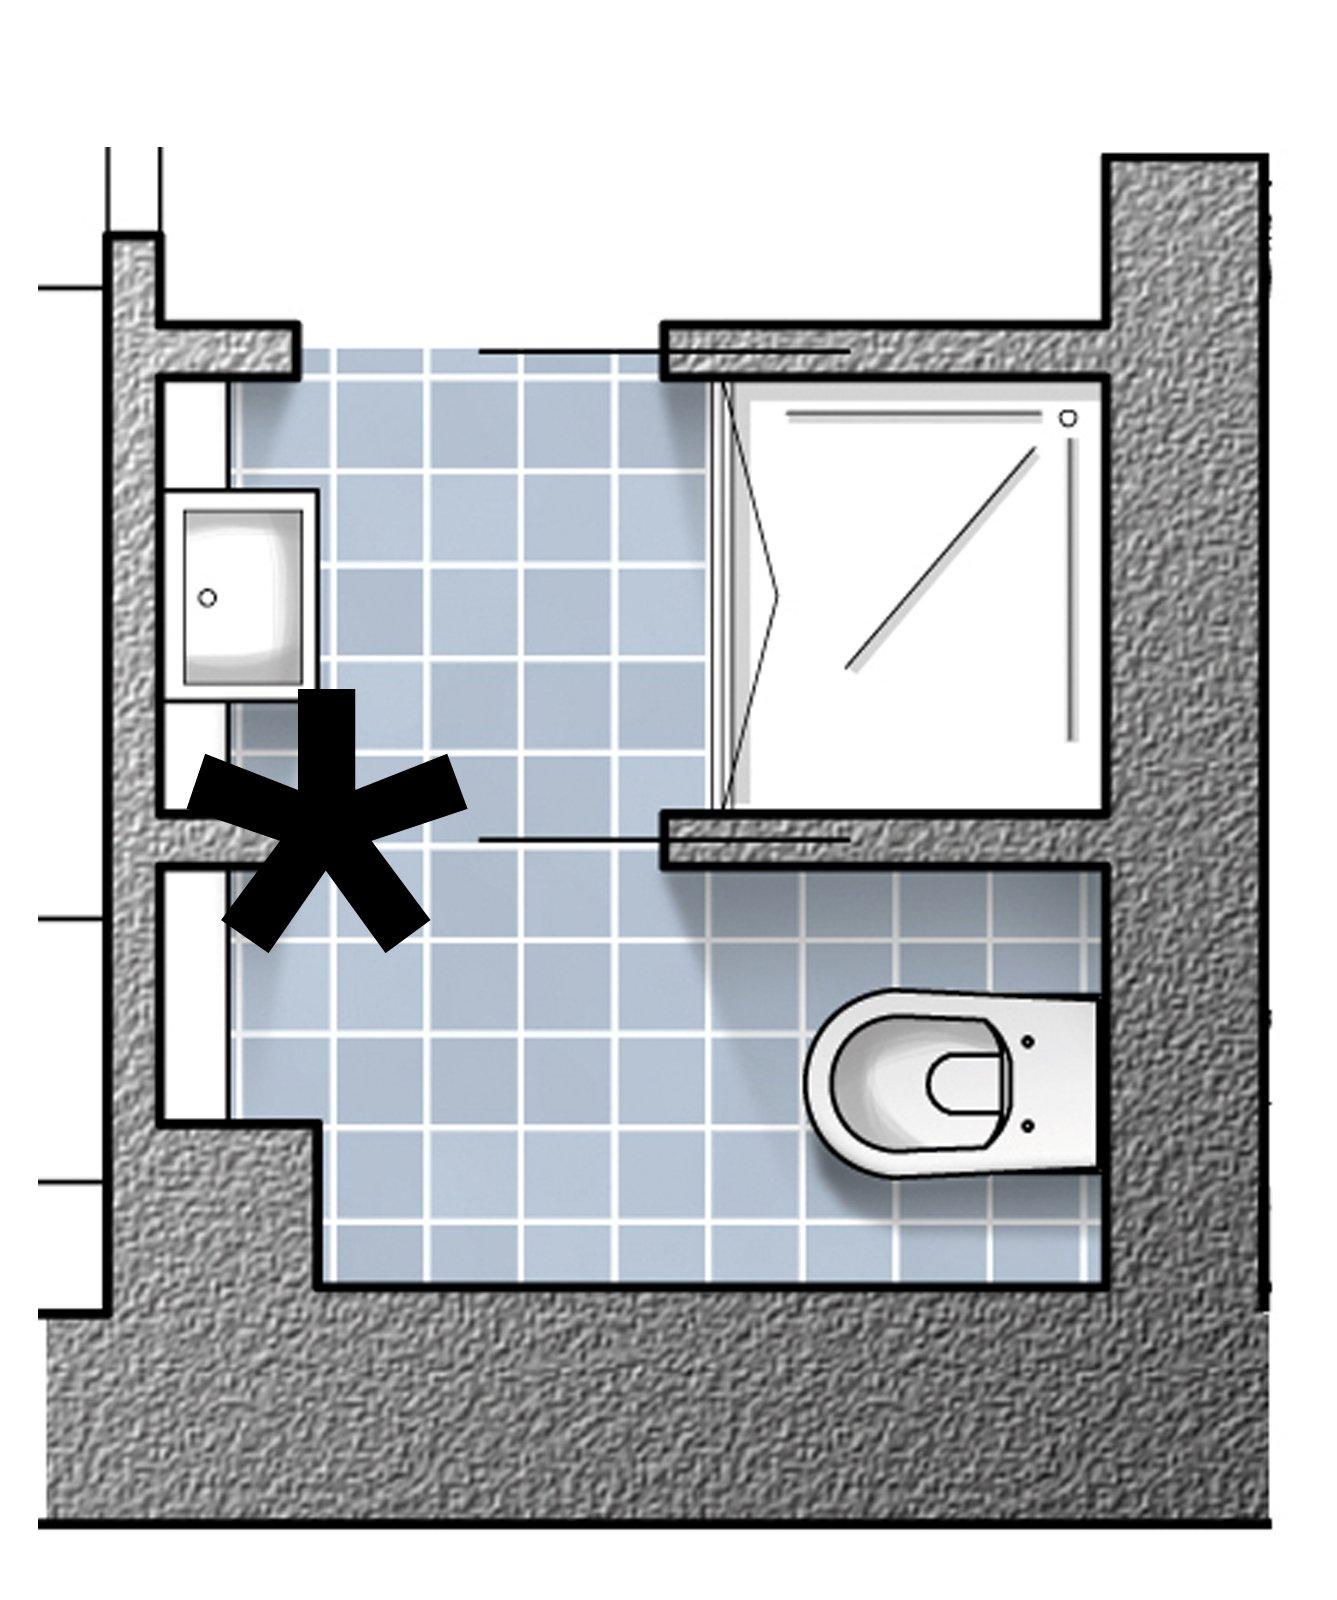 Dal bagno lungo e stretto, ricavare la cabina armadio. Con i costi ...